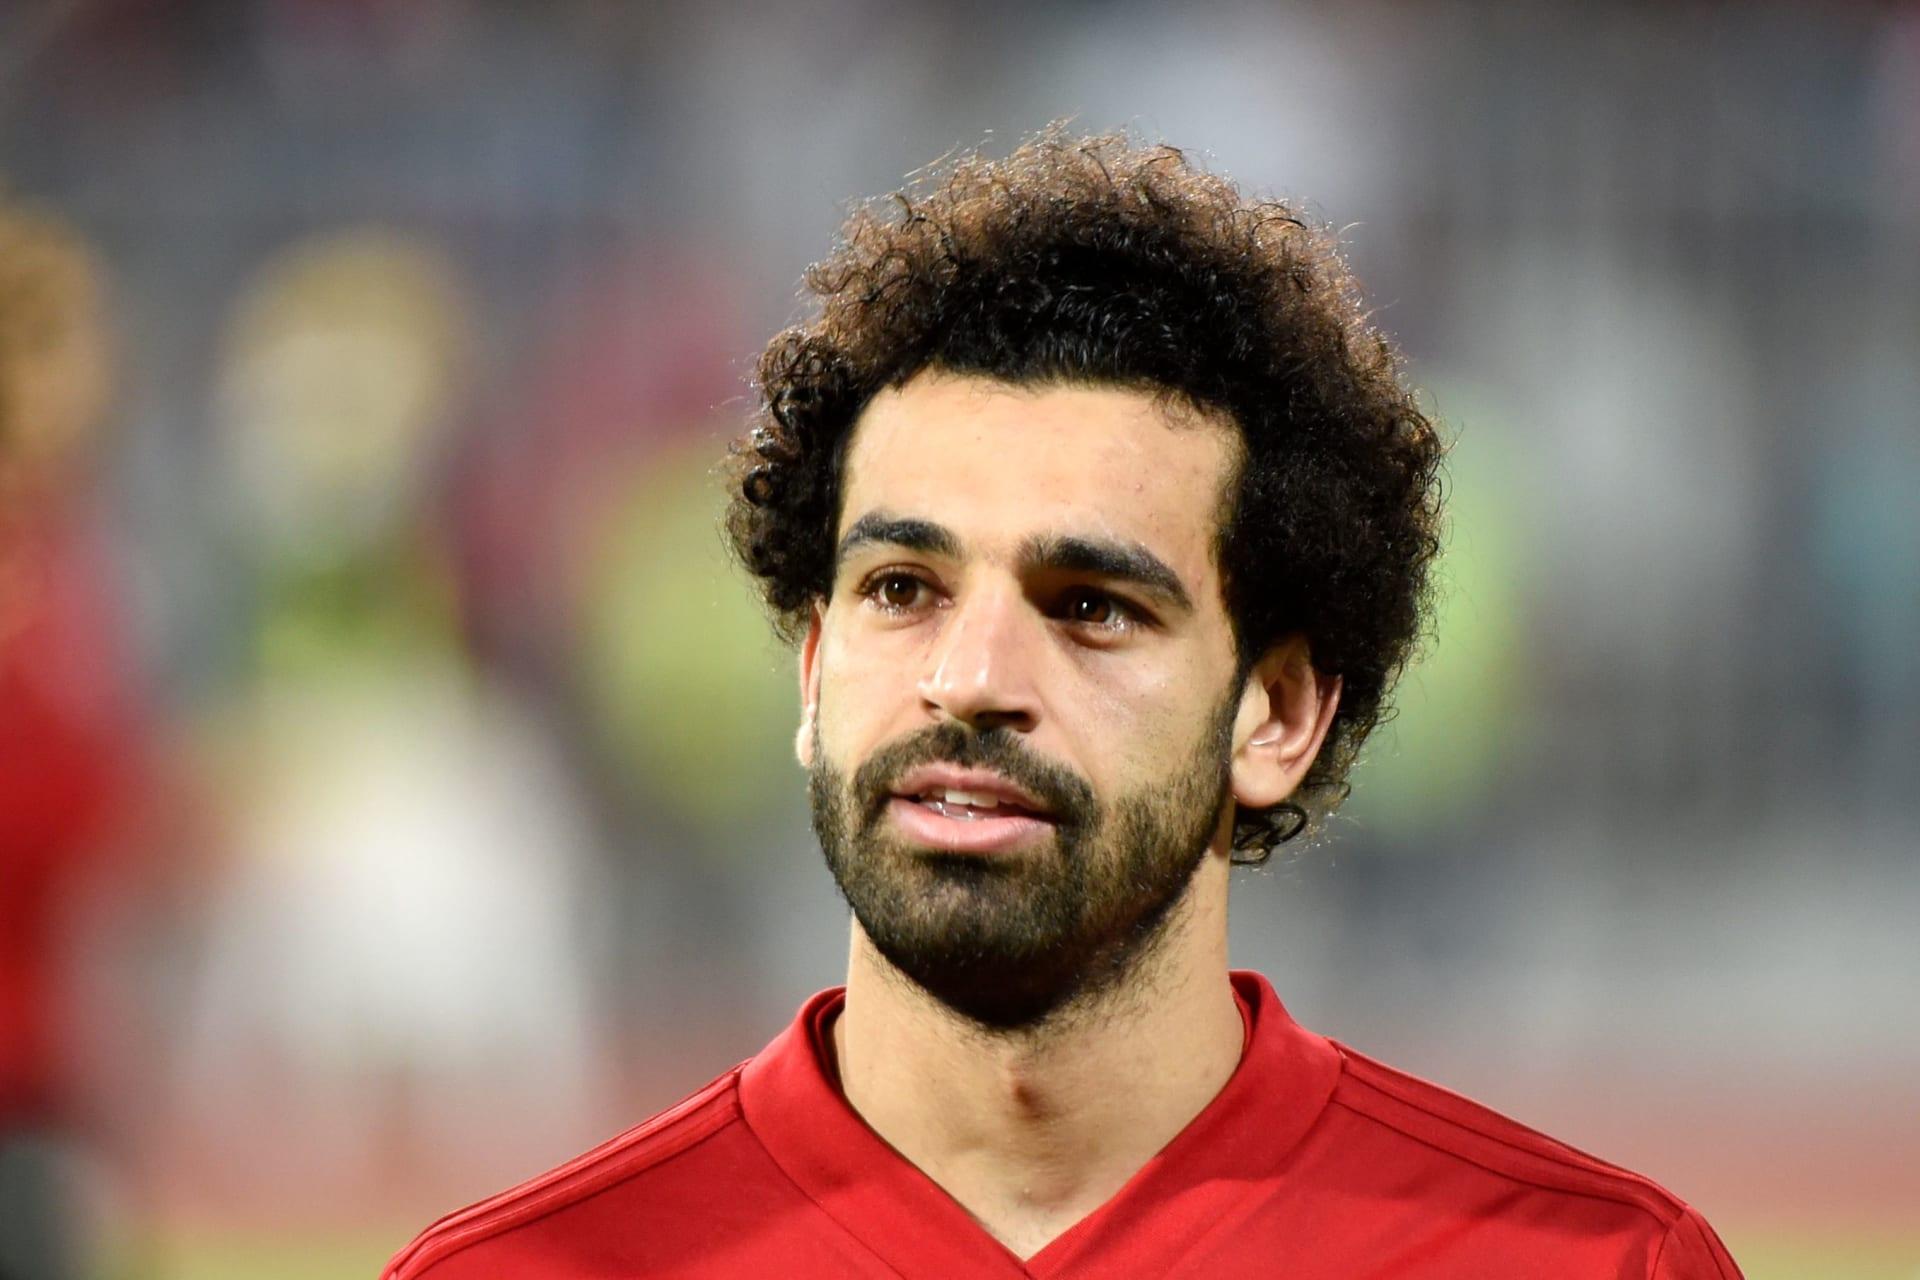 اتحاد الكرة المصري: إصابة نجم ليفربول محمد صلاح بفيروس كورونا